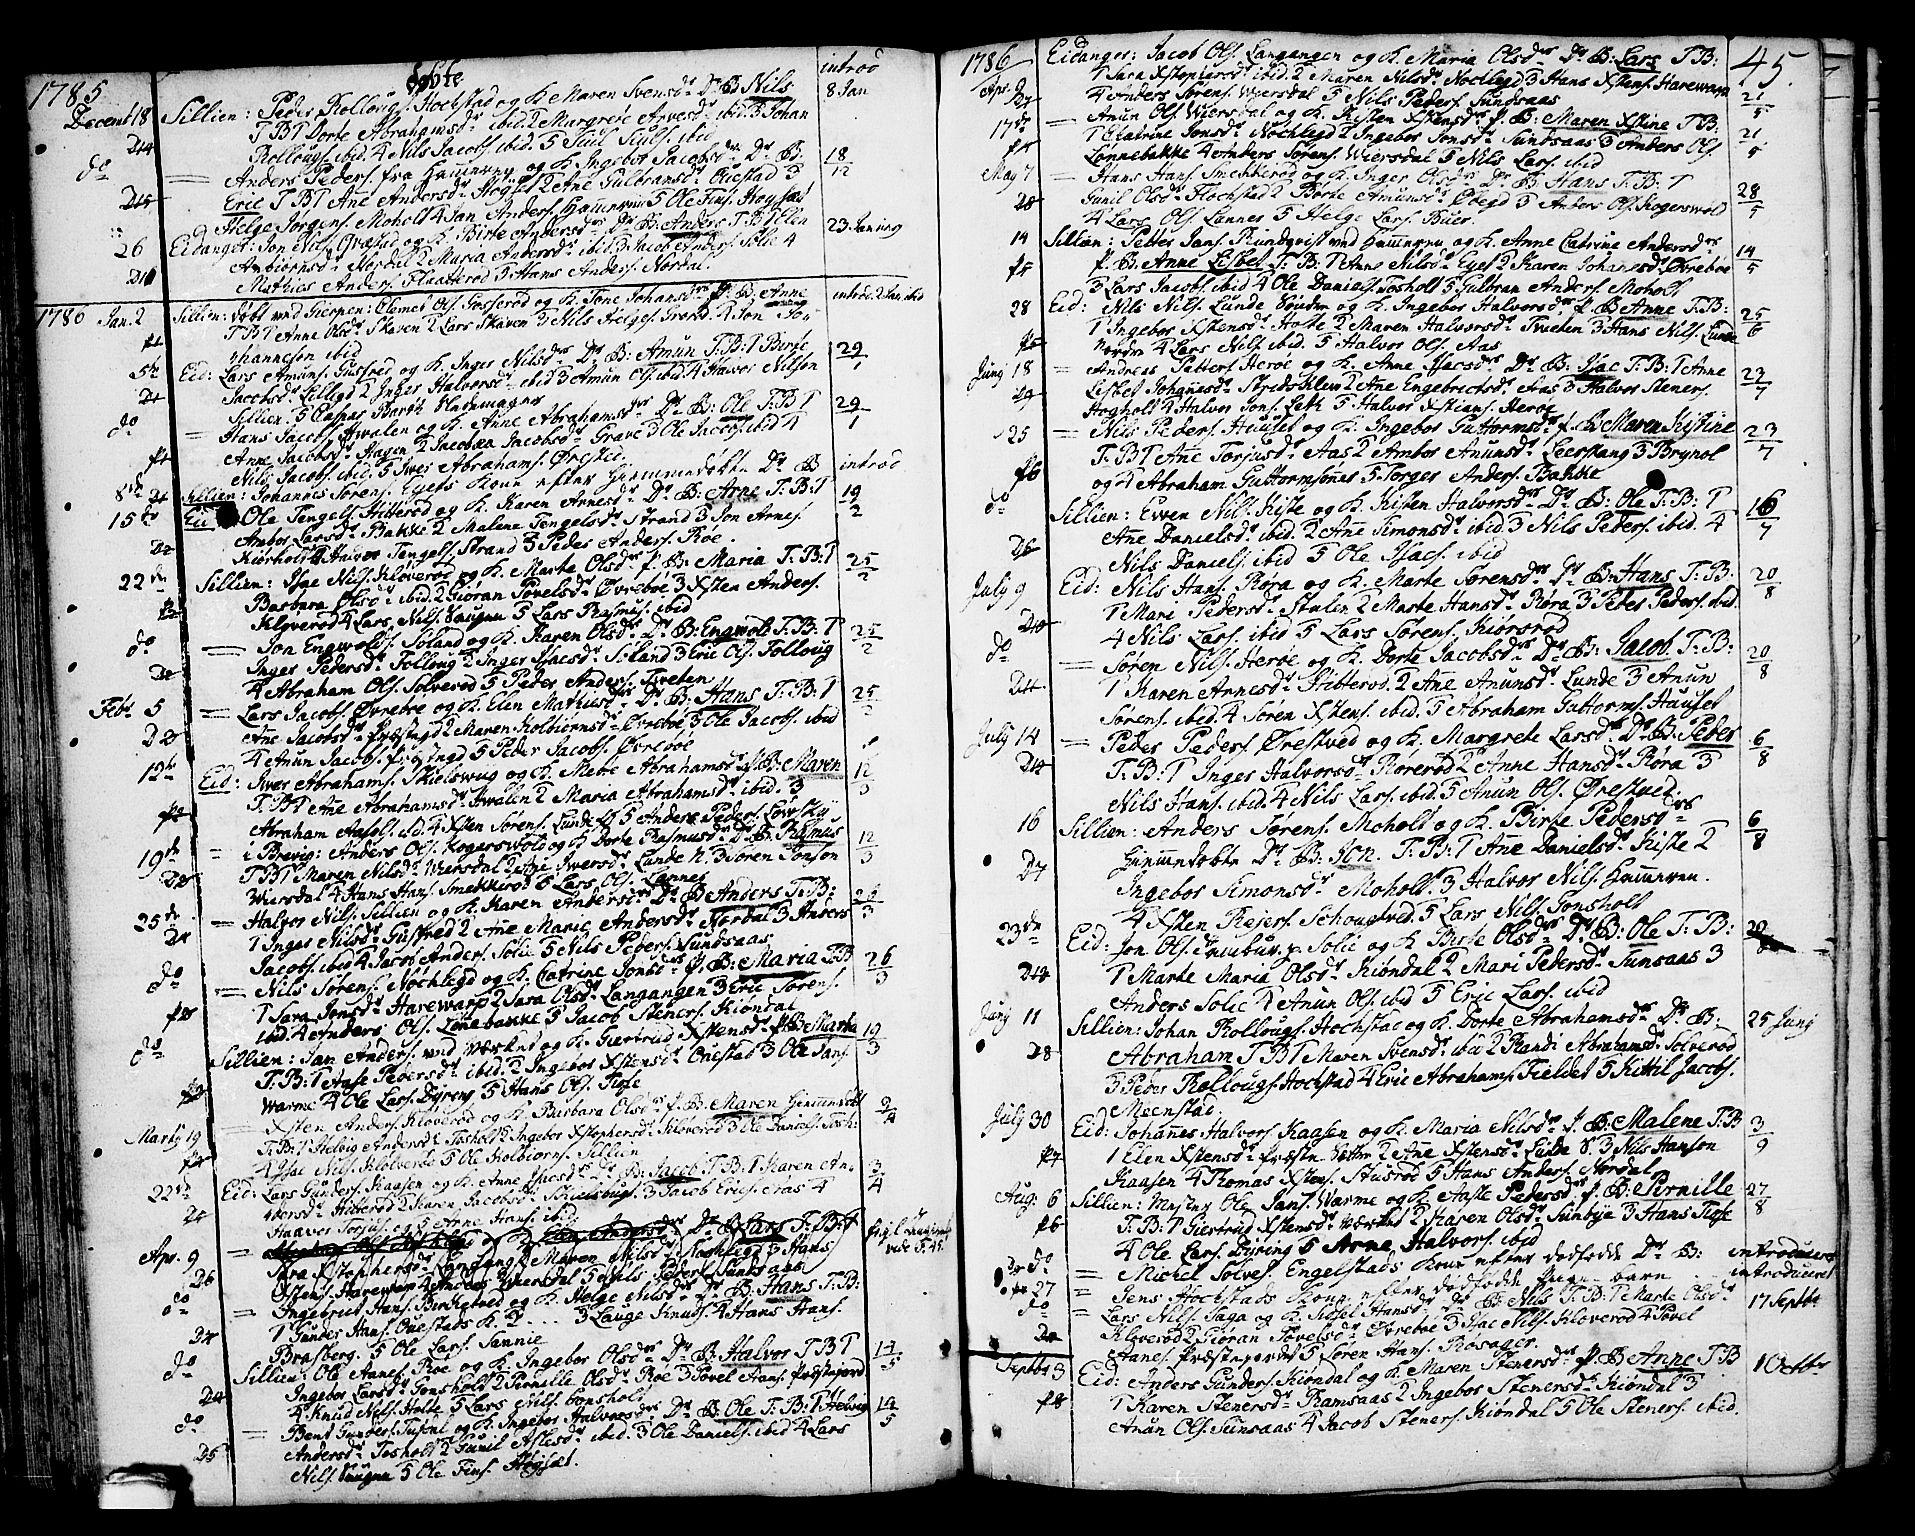 SAKO, Eidanger kirkebøker, F/Fa/L0006: Ministerialbok nr. 6, 1764-1814, s. 45